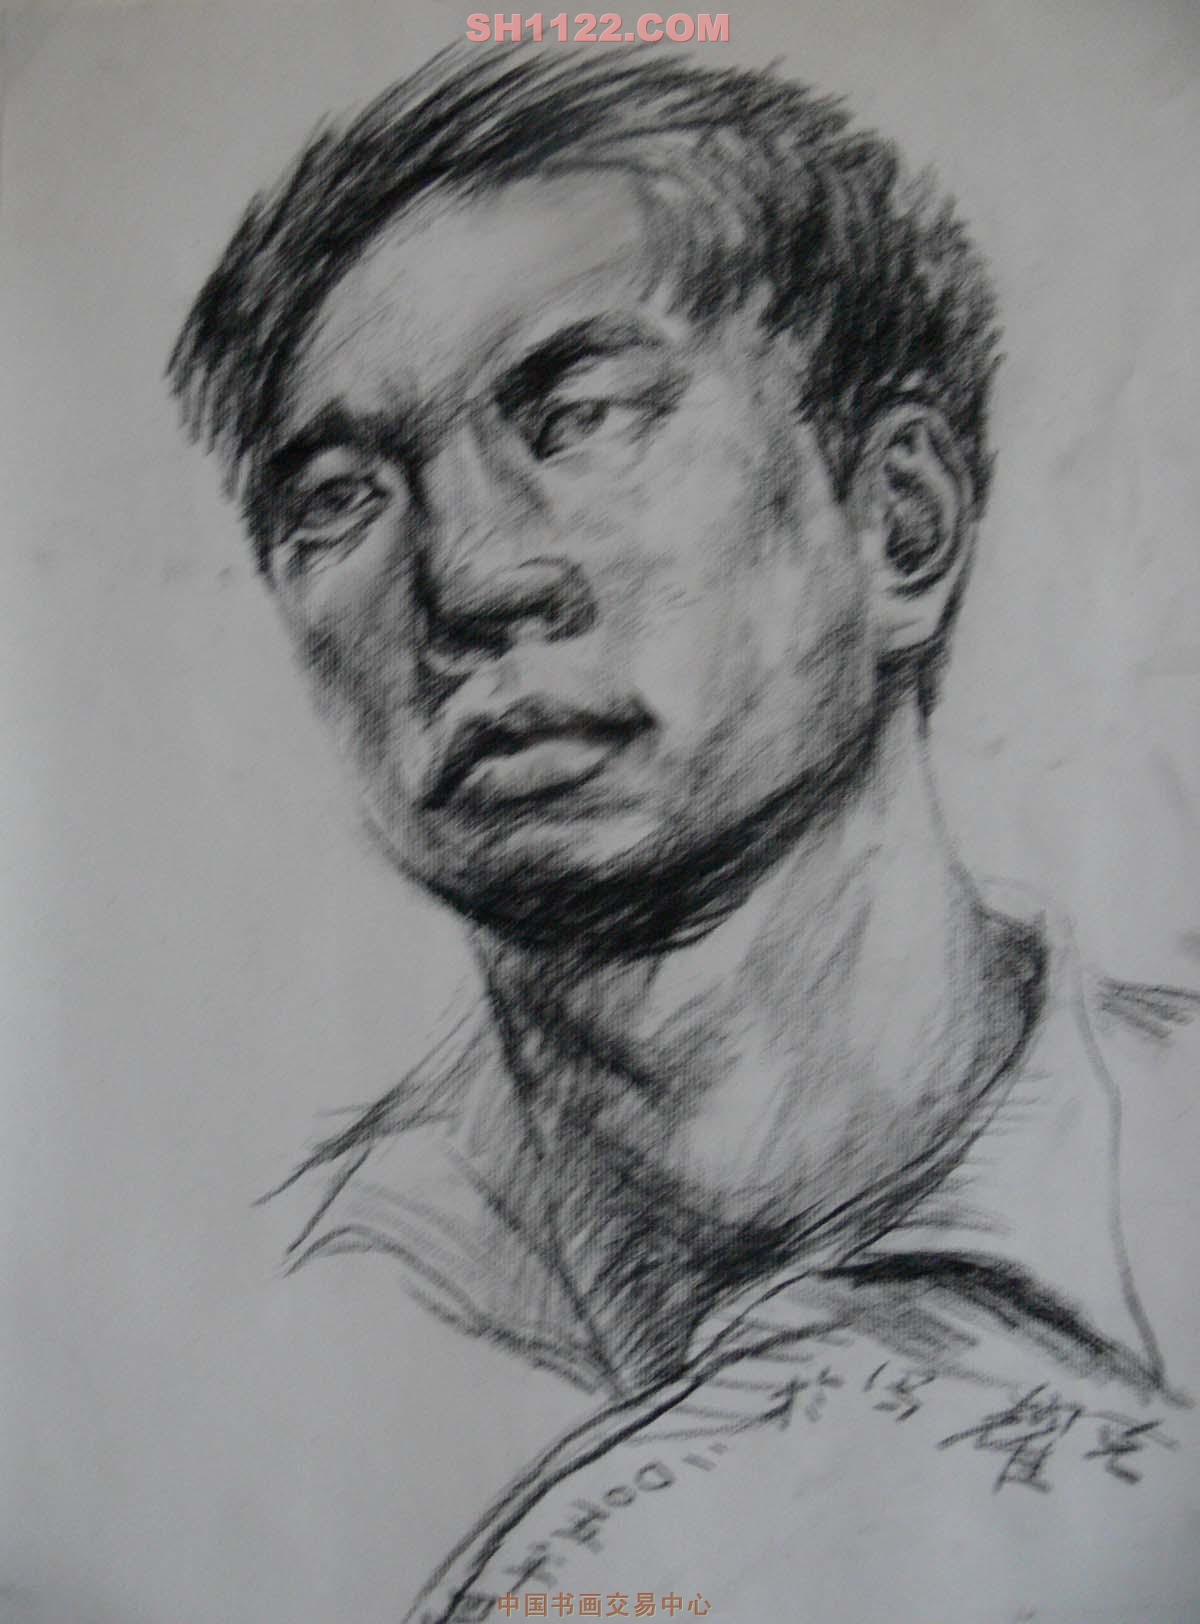 杨克耀-头像-淘宝-名人字画-中国书画交易中心,中国,.